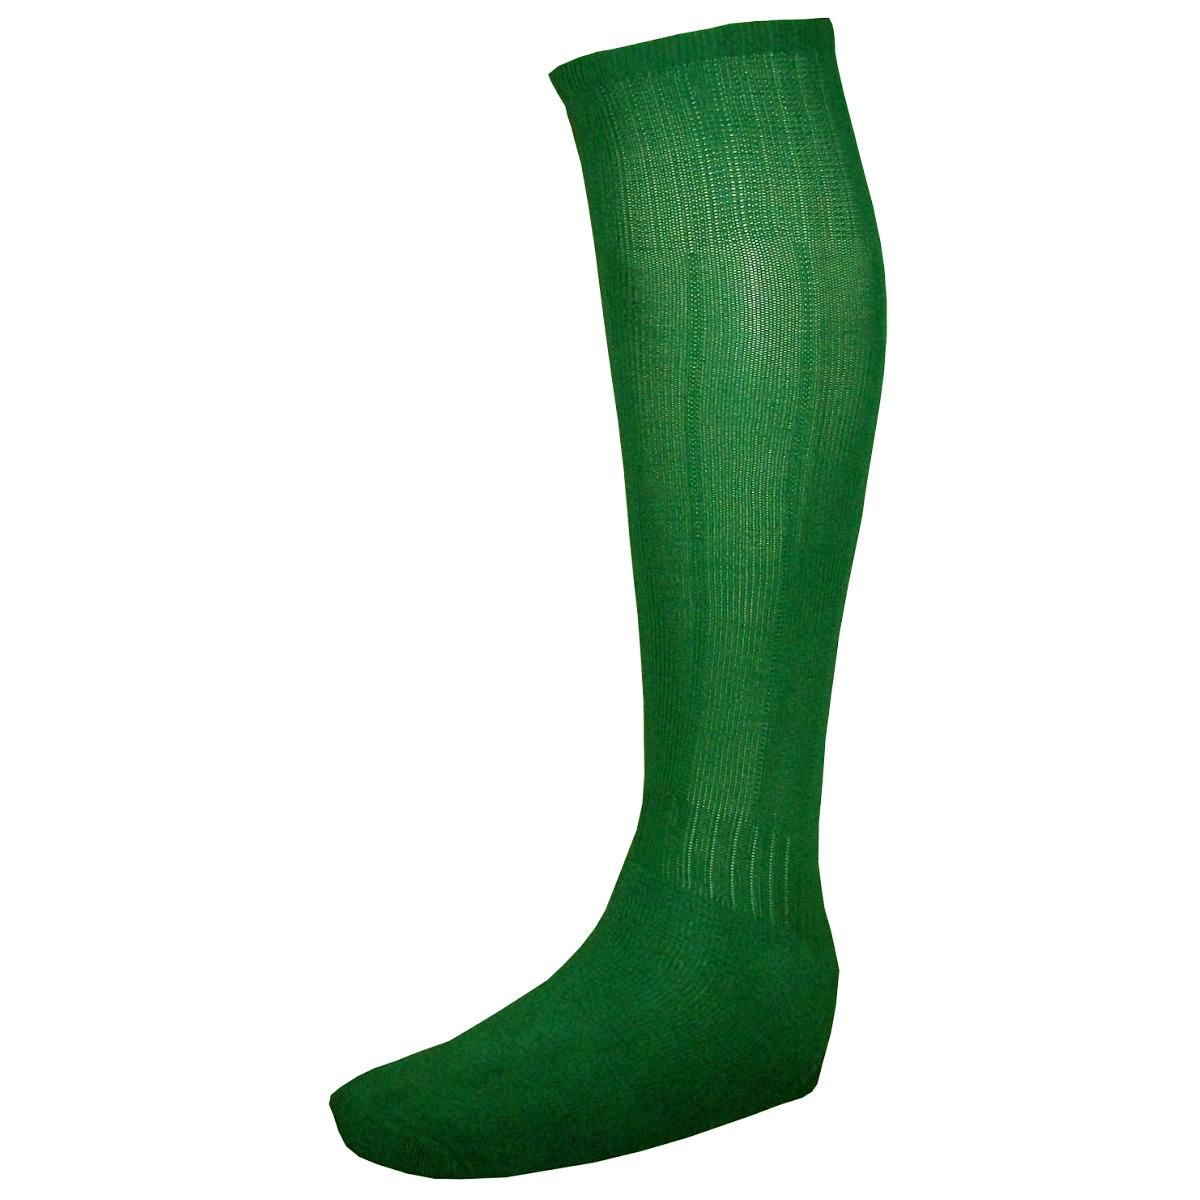 Uniforme Esportivo Completo modelo PSG 14+1 (14 camisas Verde/Preto/Amarelo + 14 calções Madrid Verde + 14 pares de meiões Verde + 1 conjunto de goleiro) + Brindes